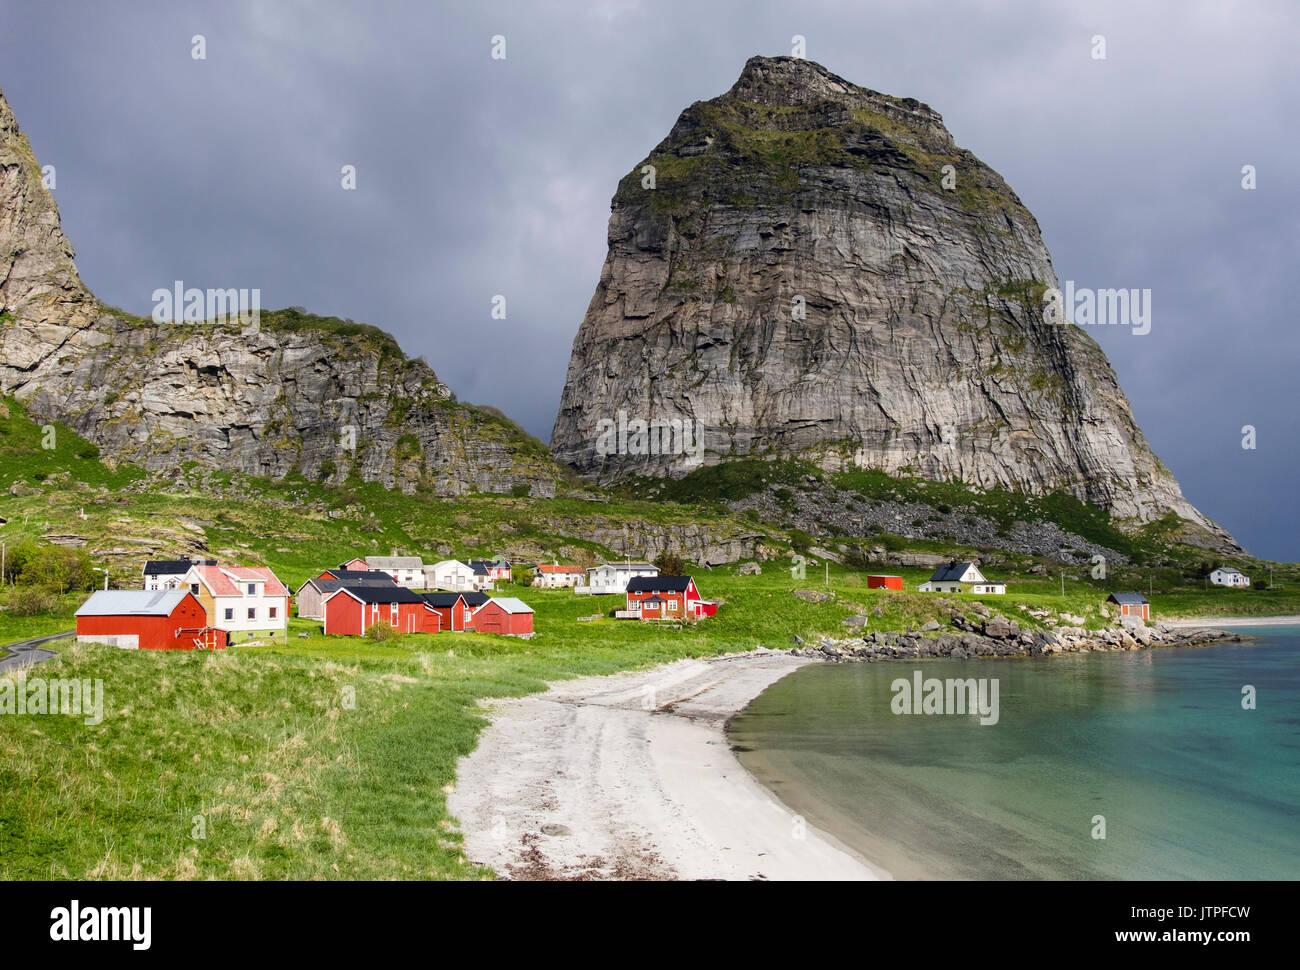 Ancien village de pêcheurs vieux maisons autour de sable en dessous de Traenstaven sur la montagne de l'île, Traena Sanna, comté de Nordland, Norvège, Scandinavie Photo Stock